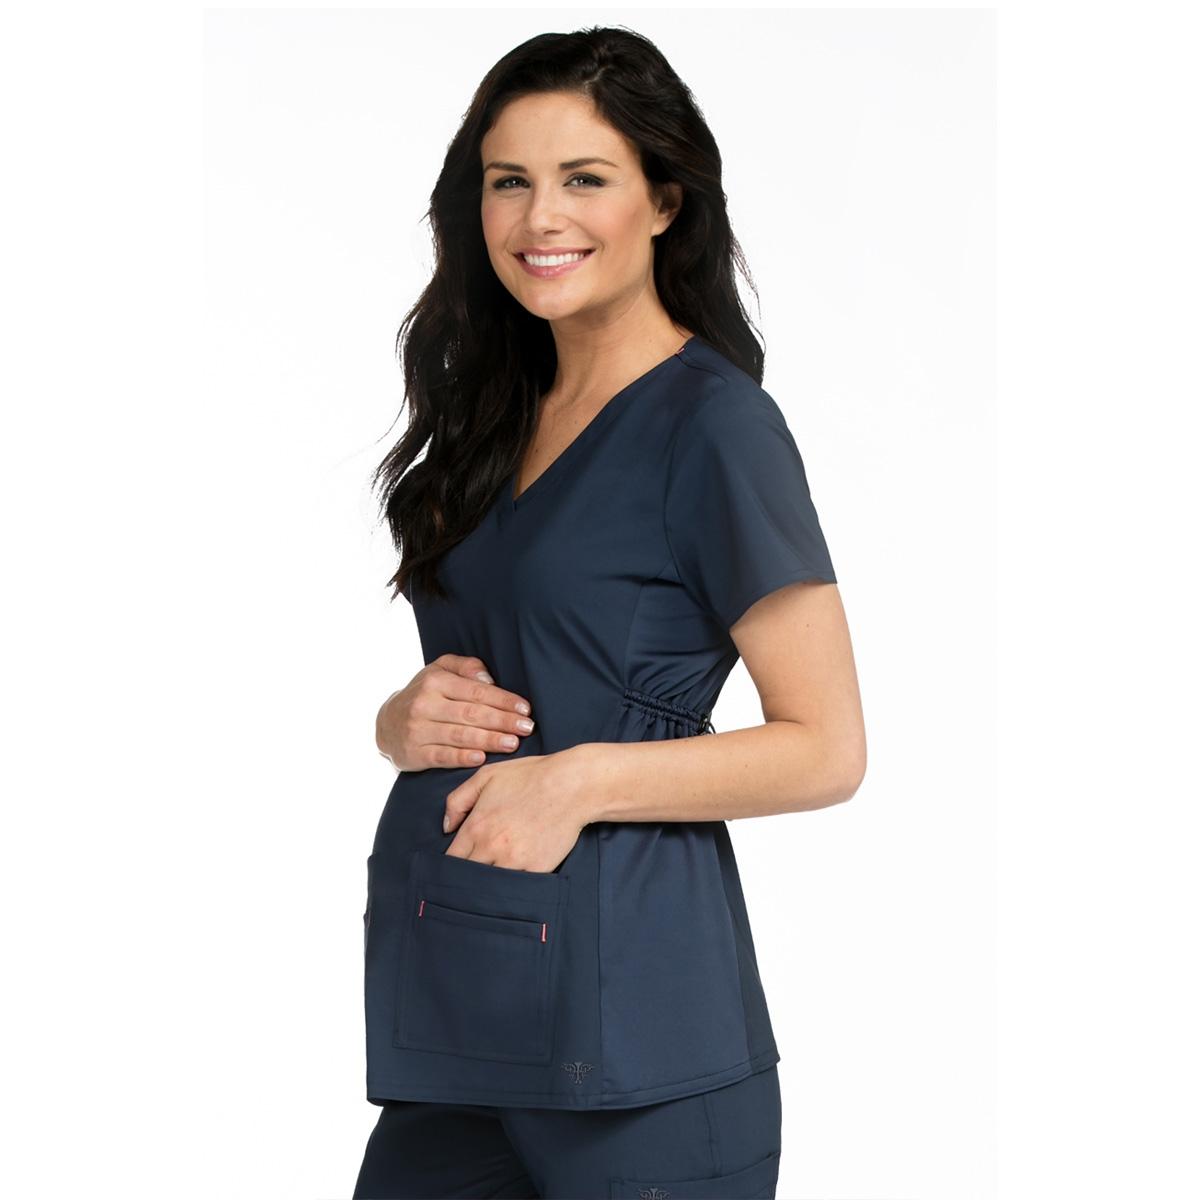 674052591cbfa Med Couture Maternity Scrub Top